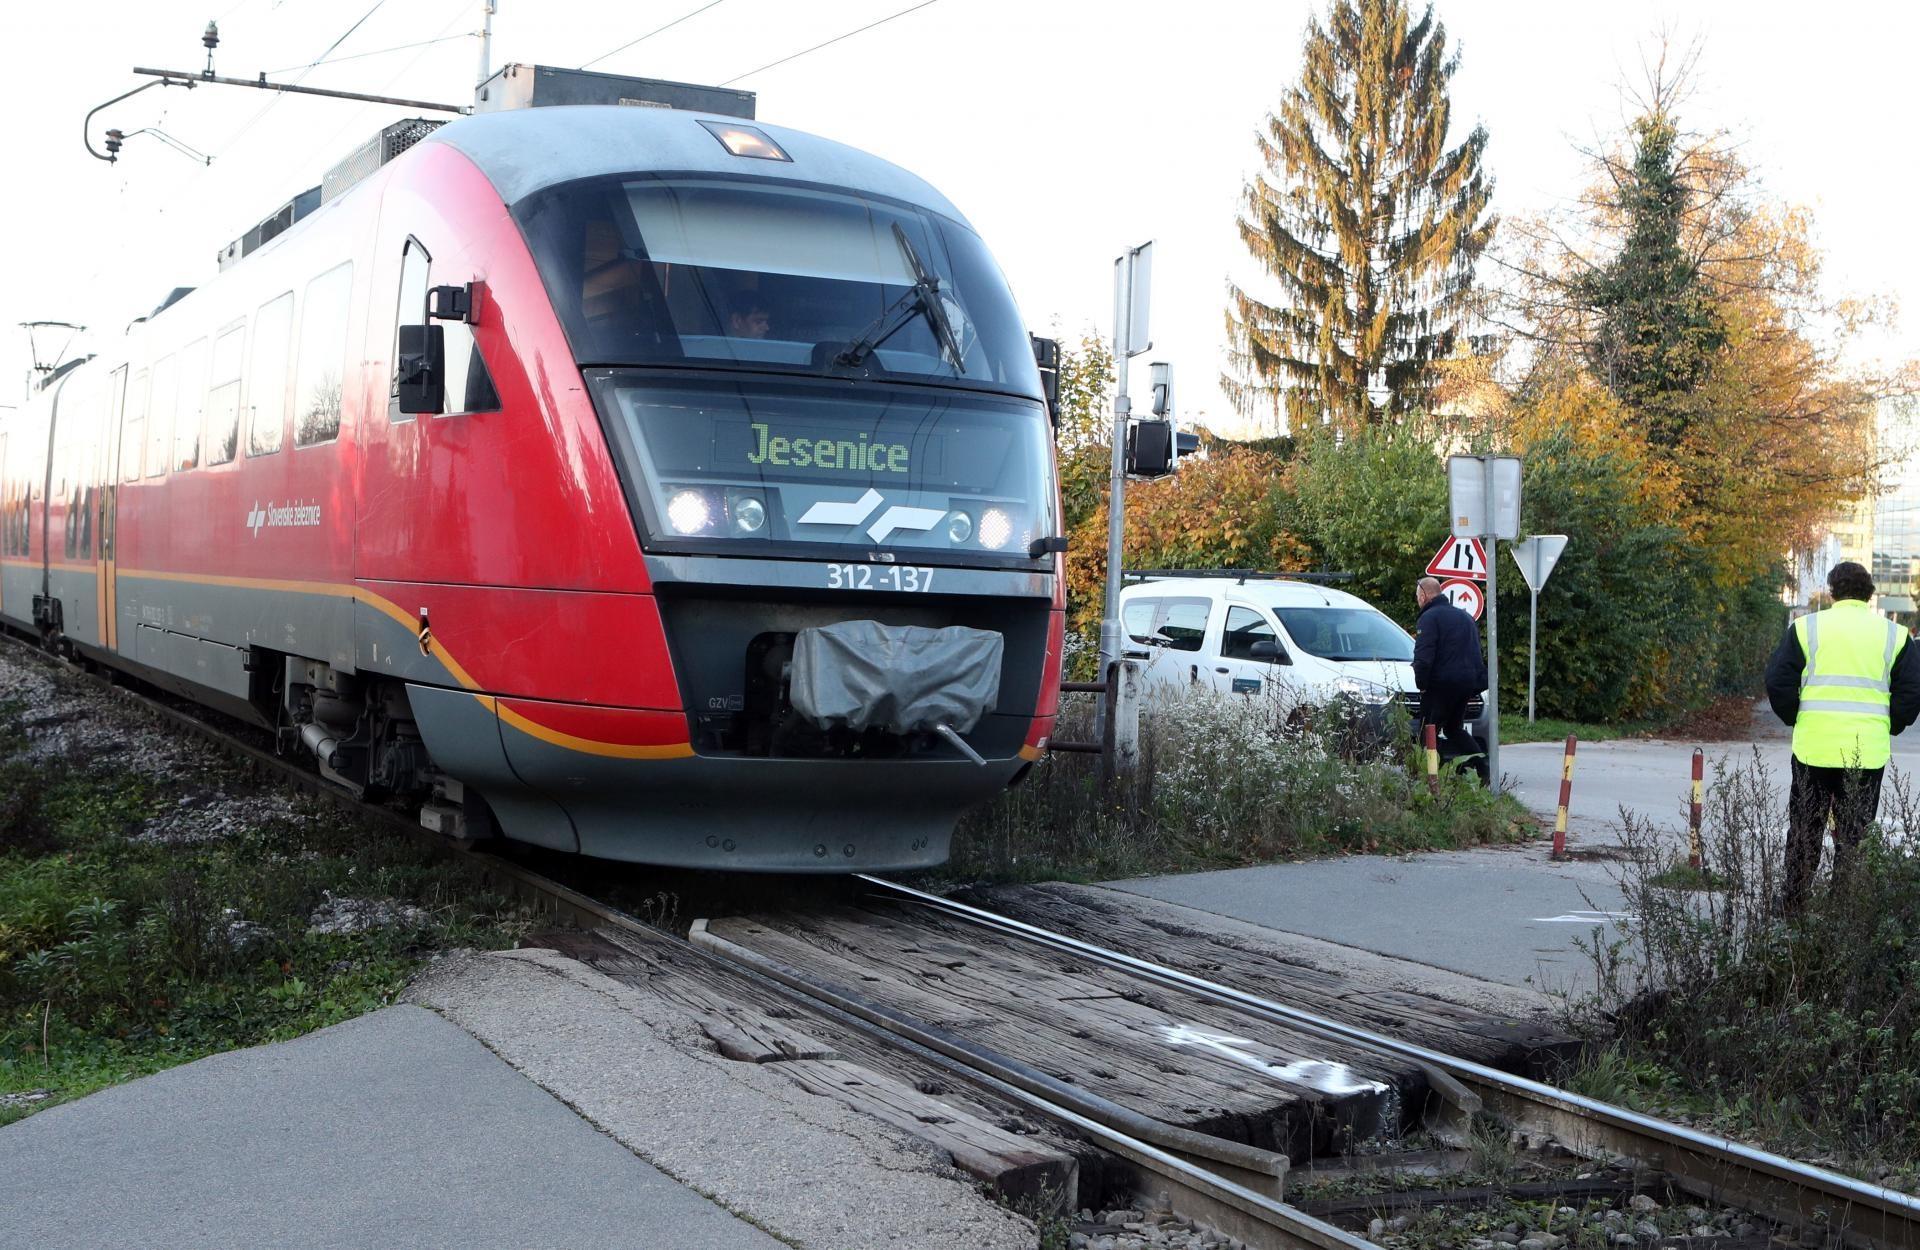 Nevarni prehod čez železniško progo je potrebno nujno urediti